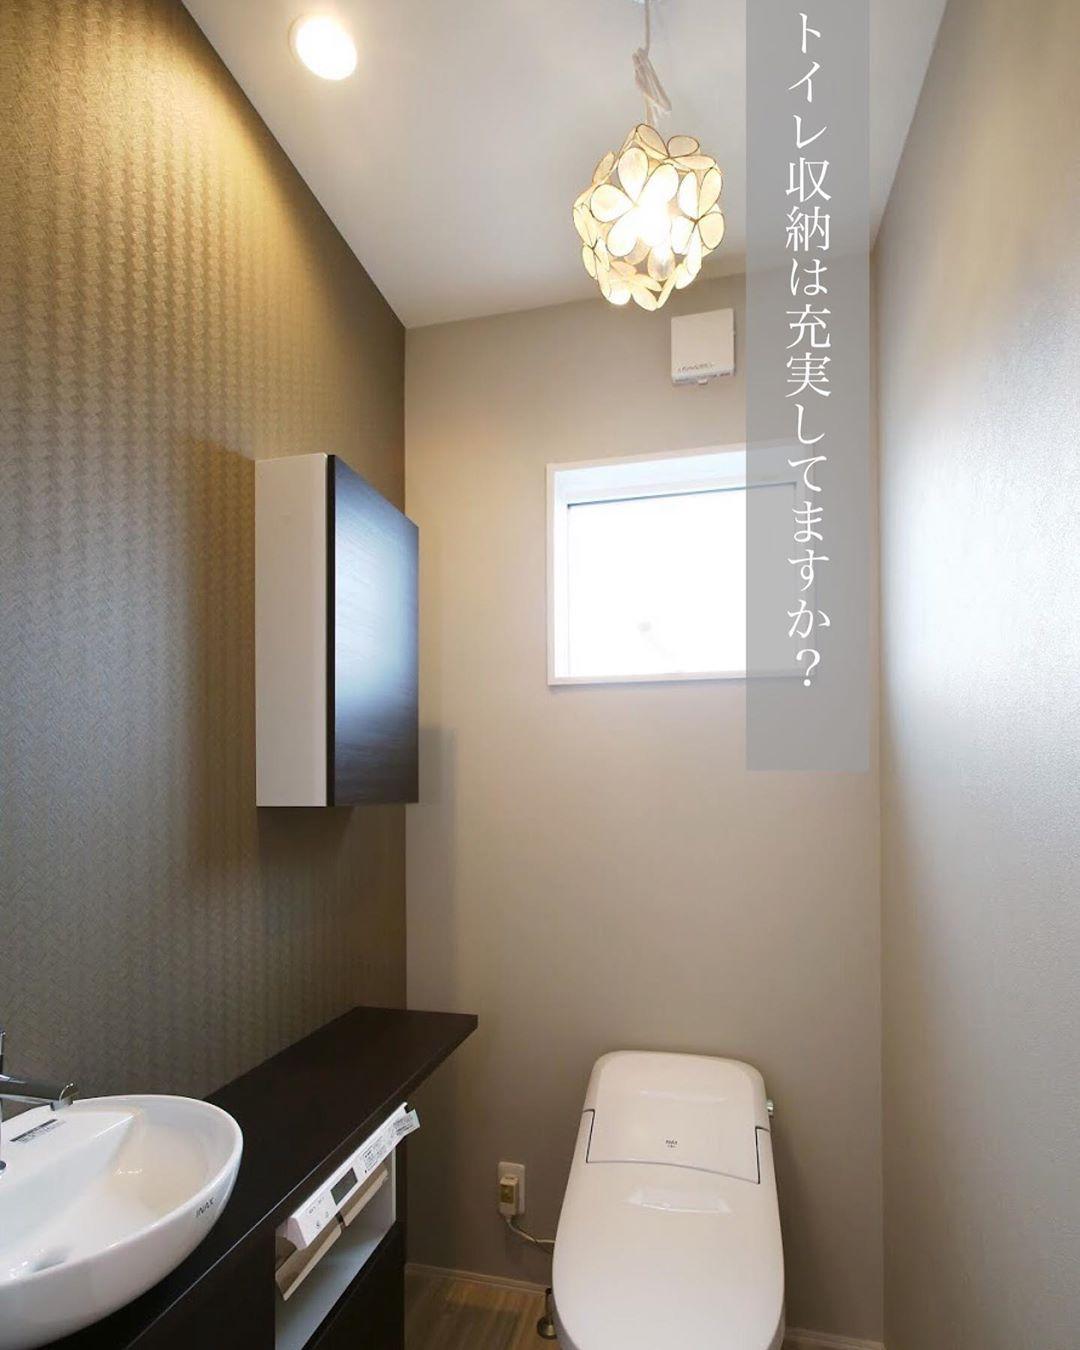 リクシルの手洗いキャビネット キャパシア 様々なユニットを組み合わせて 使いやすく快適なトイレ空間になります アクセントクロスと照明で 高級感のあるトイレに仕上がりました トイレ トイレキャビネット ベーシア キャパシア トイレ収納